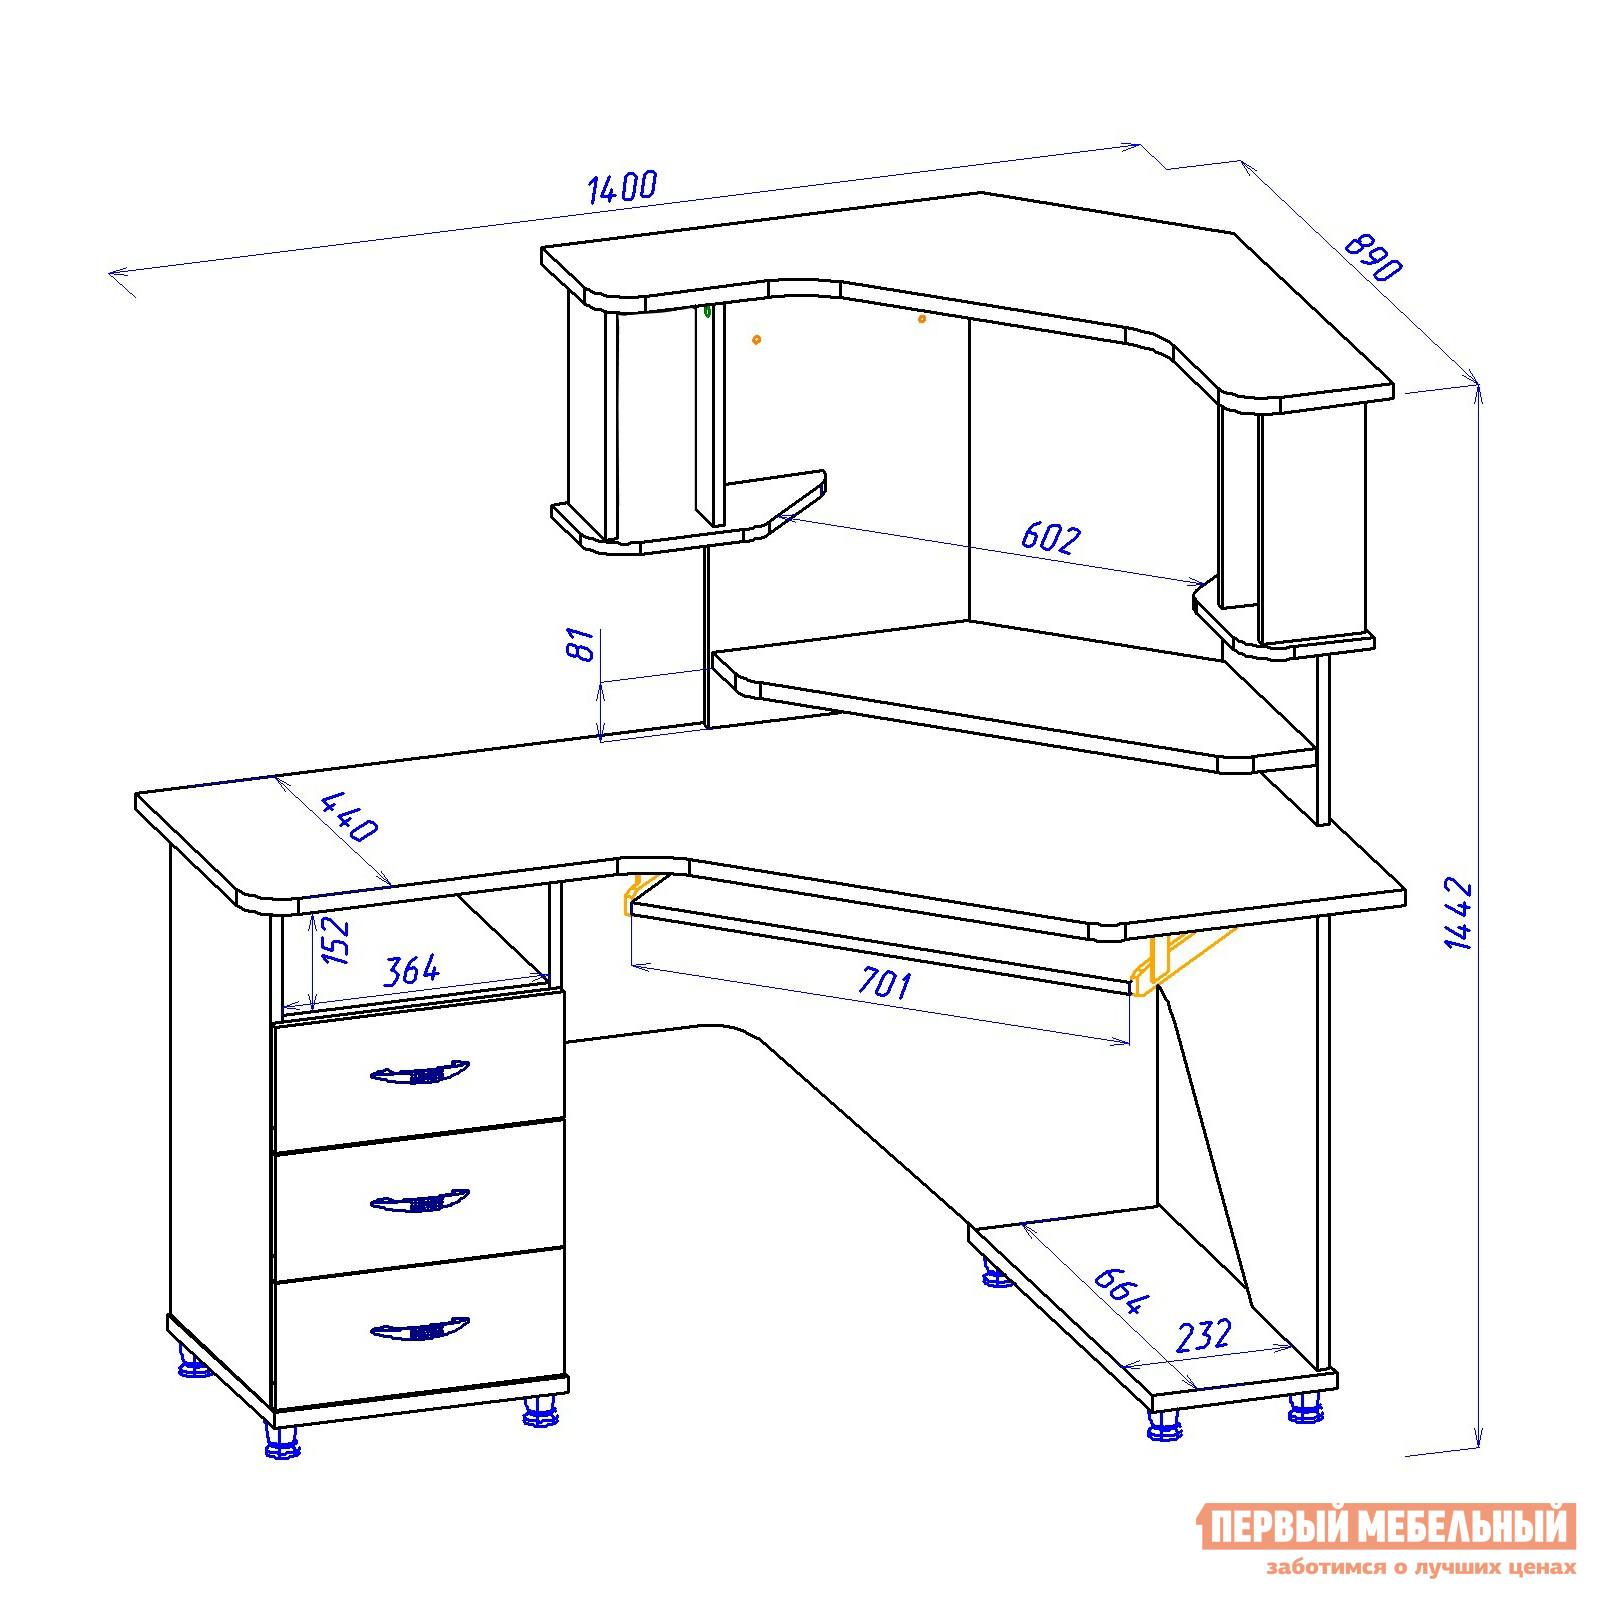 Стол и стул компьютерный стол кс 20-18 м2.